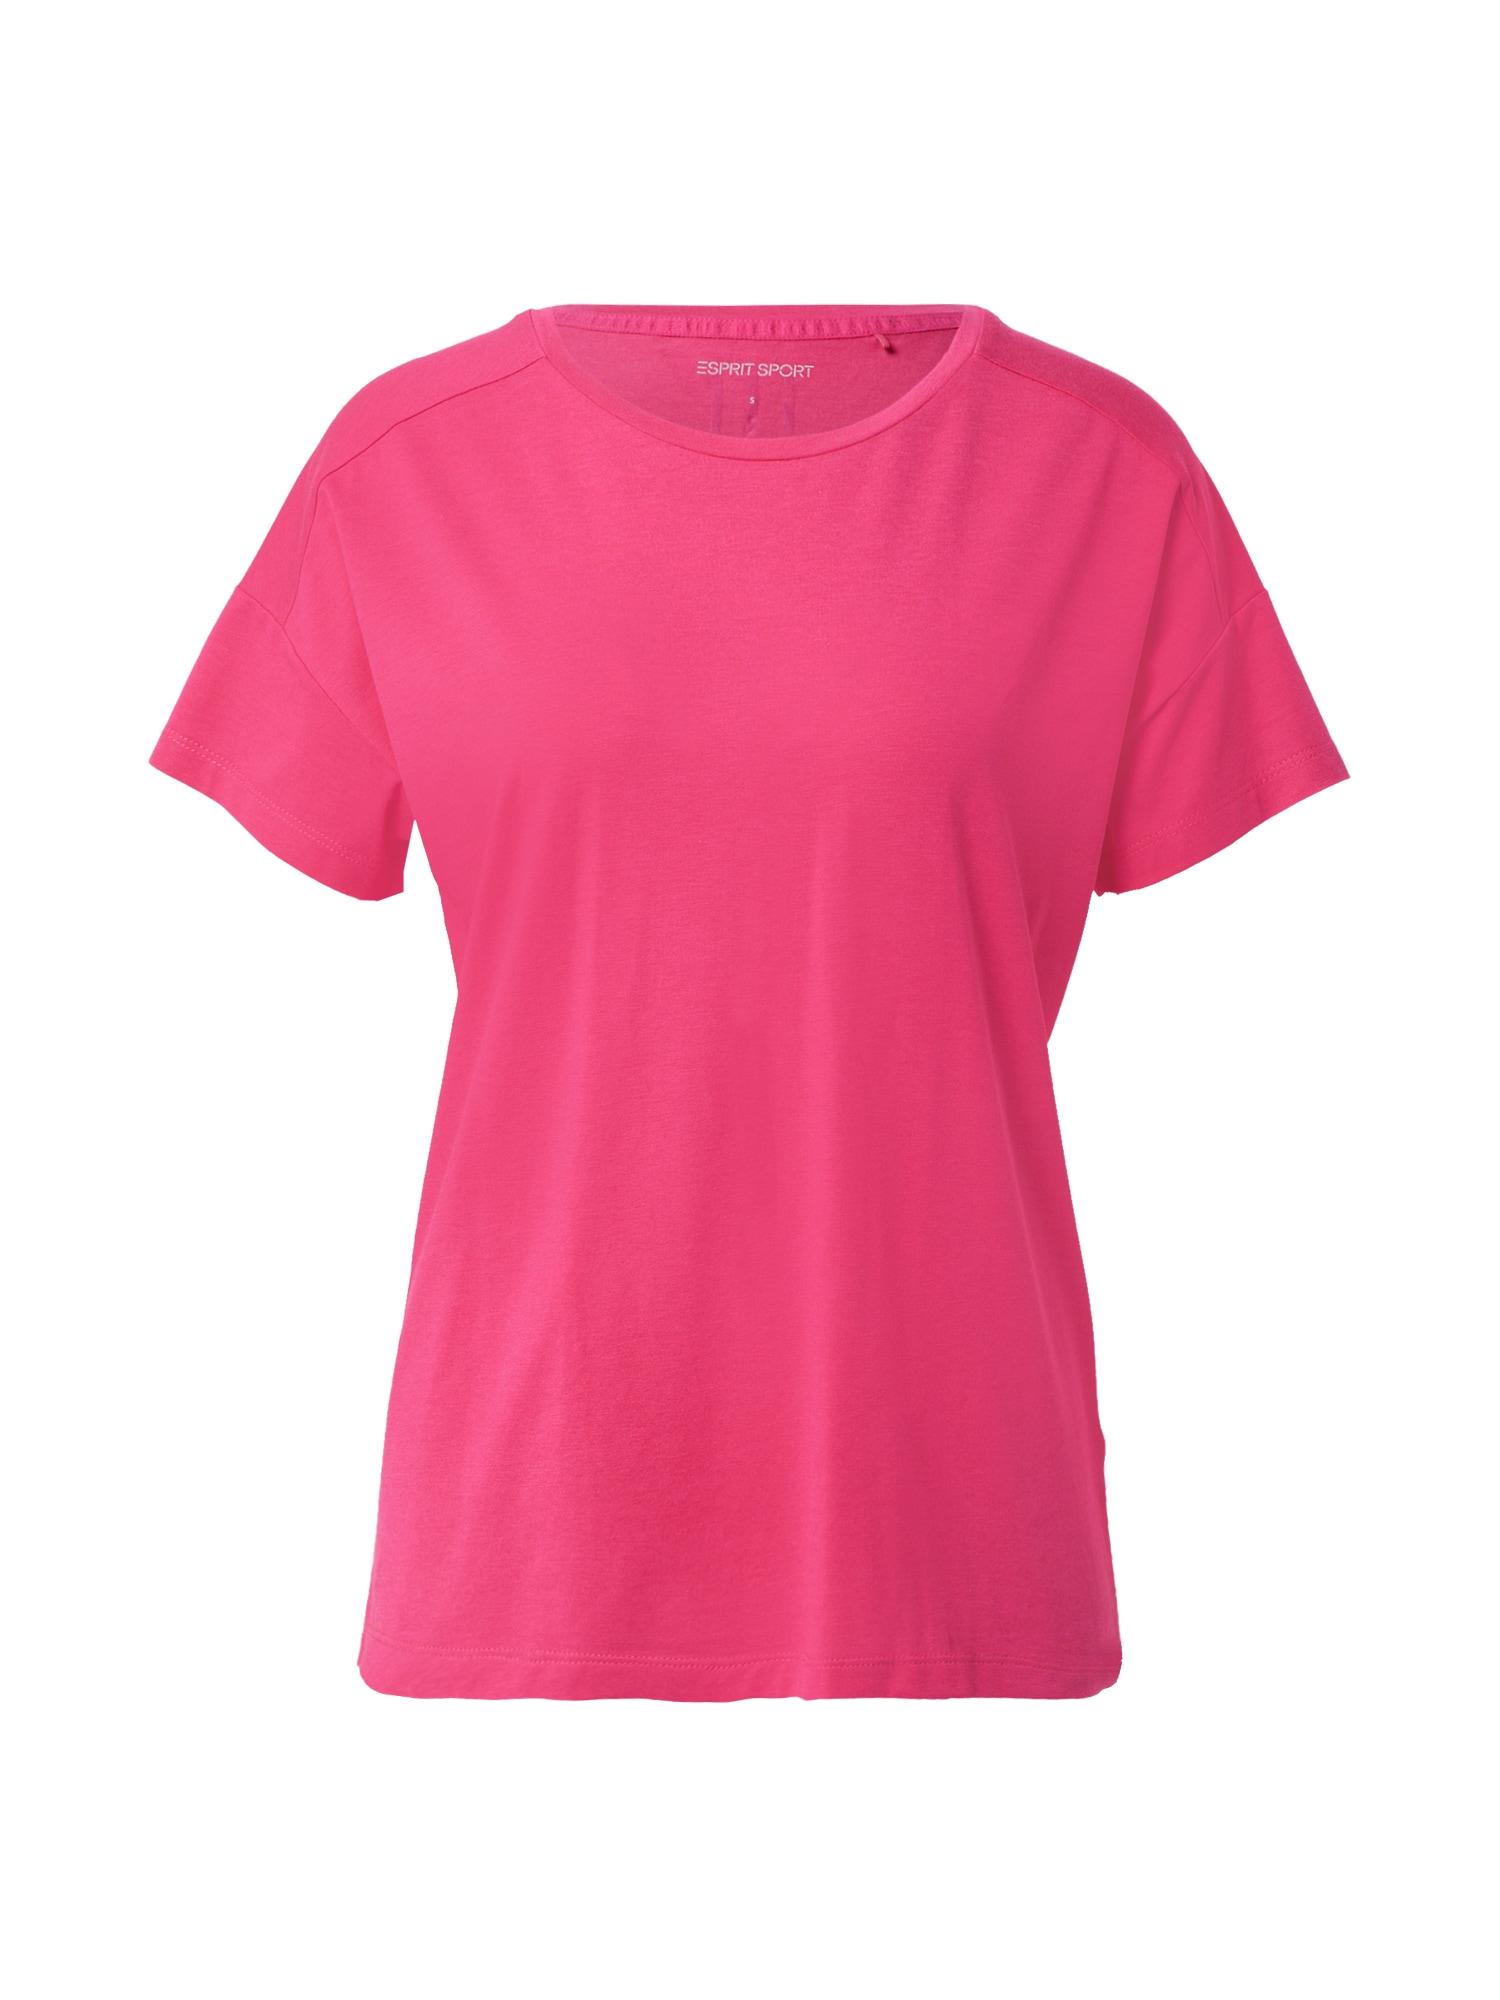 ESPRIT SPORT Sportiniai marškinėliai fuksijų spalva / balta / juoda / mėlyna dūmų spalva